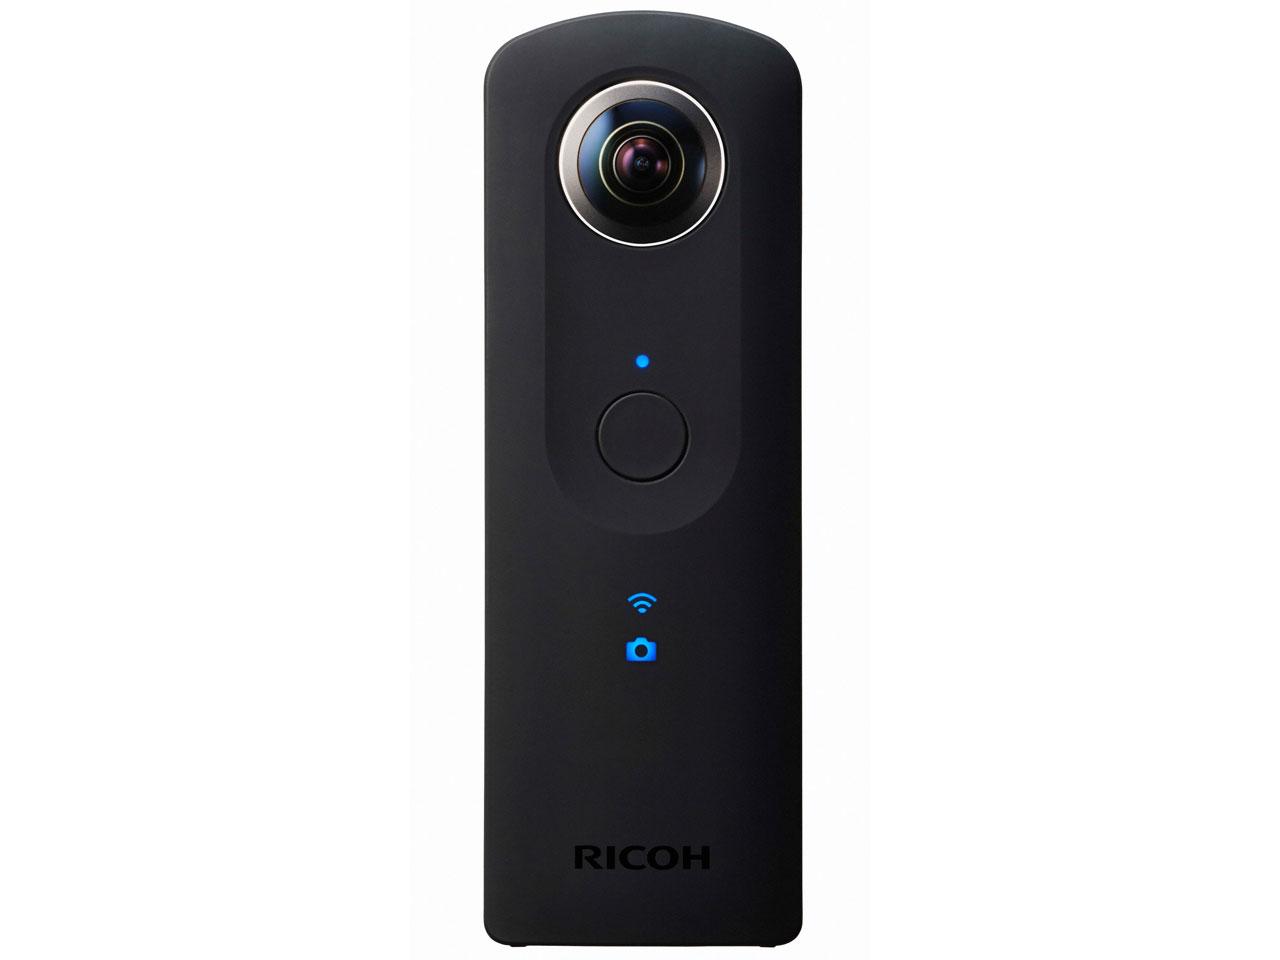 【新品・未使用】リコー(RICOH) RICOH THETA S 全天球撮影が可能なデジタルカメラ 家電